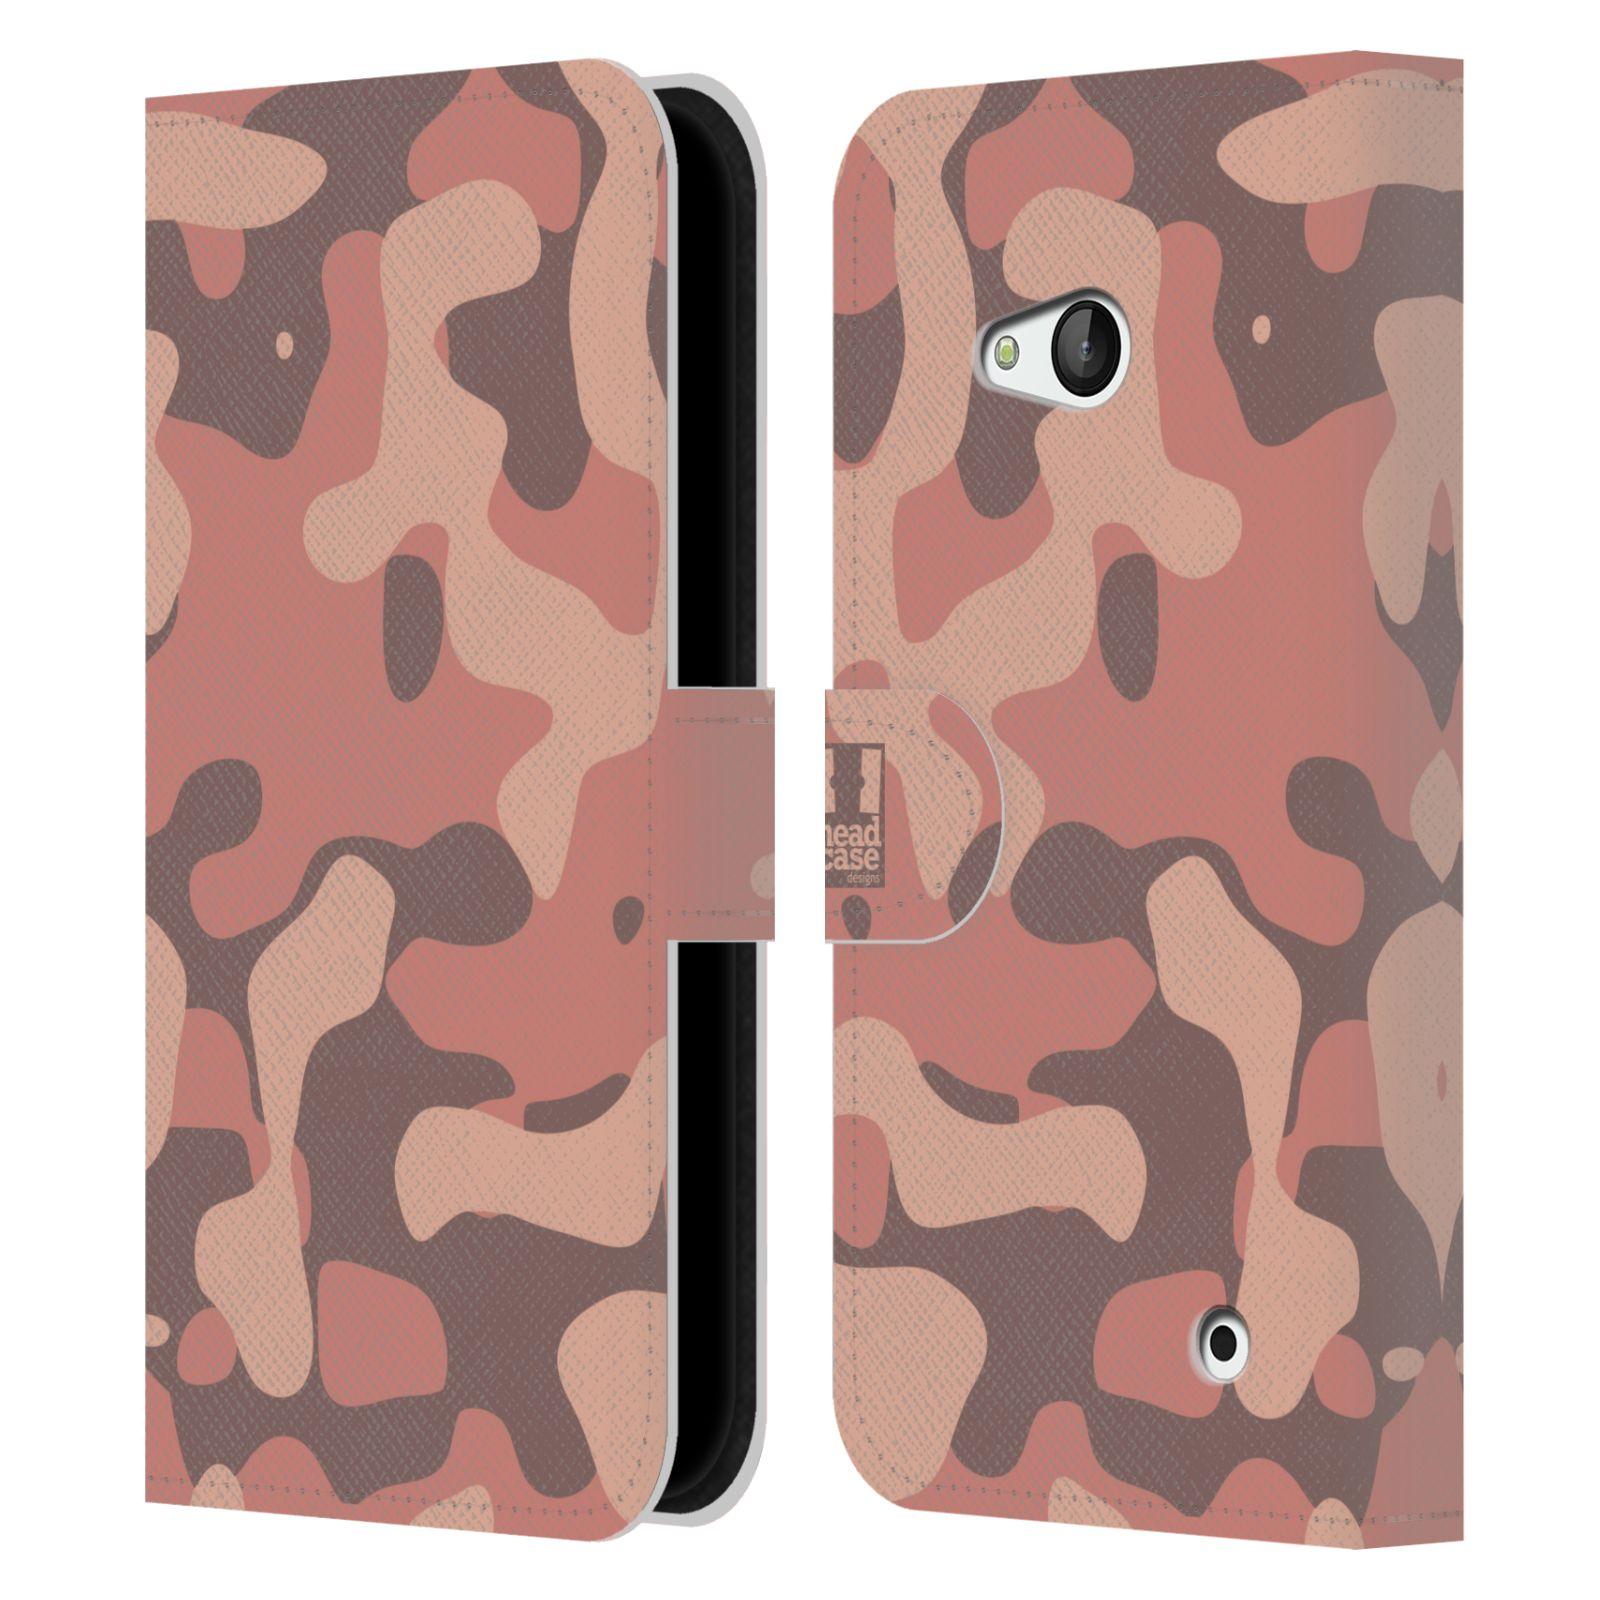 HEAD CASE Flipové pouzdro pro mobil NOKIA / MICROSOFT LUMIA 640 / LUMIA 640 DUAL lehká barevná kamufláž růžová, losos